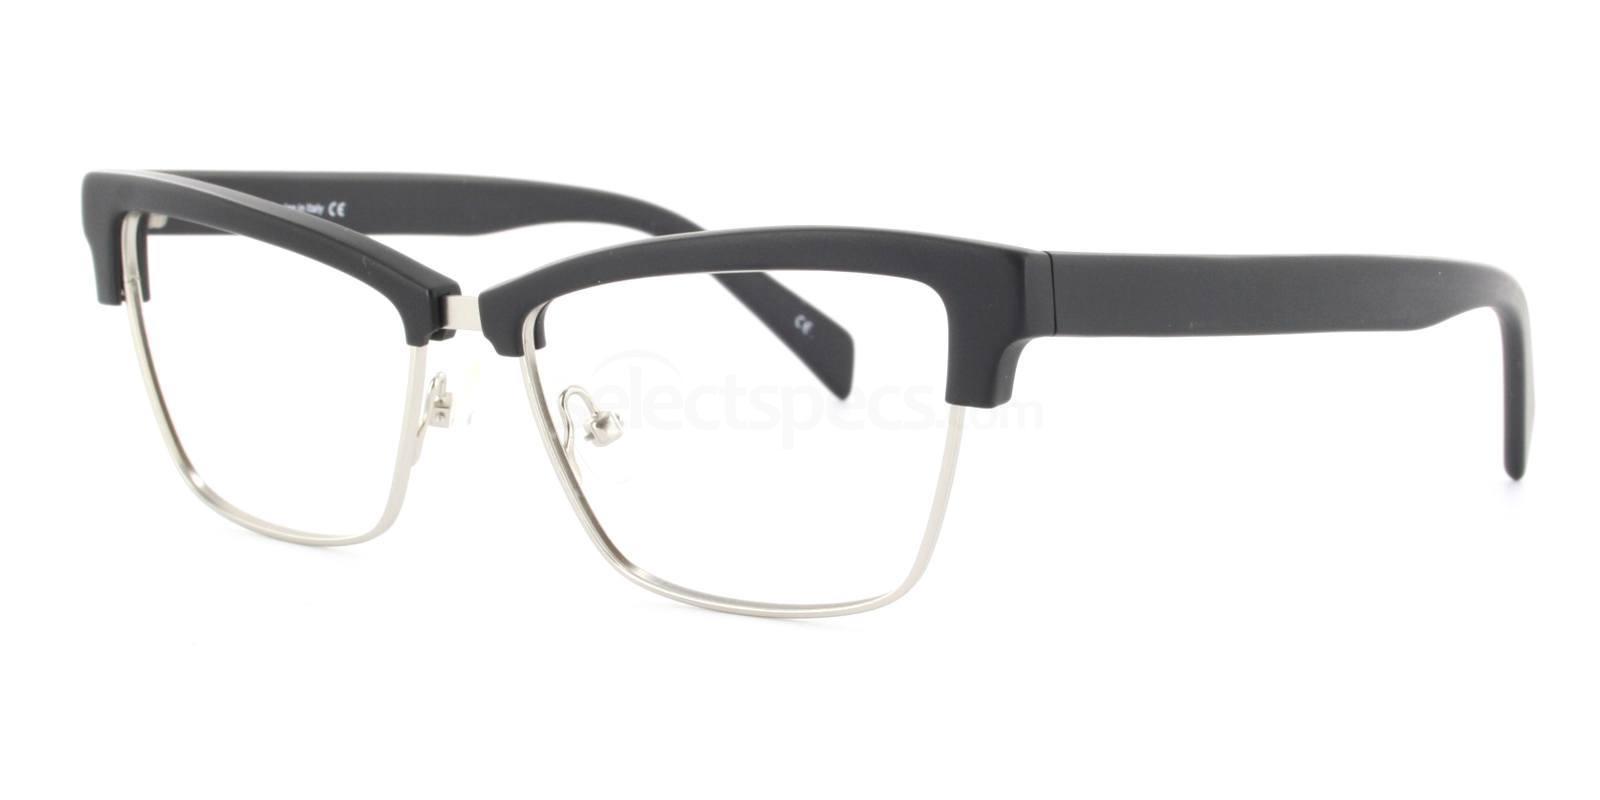 C1 G6663 Glasses, SelectSpecs